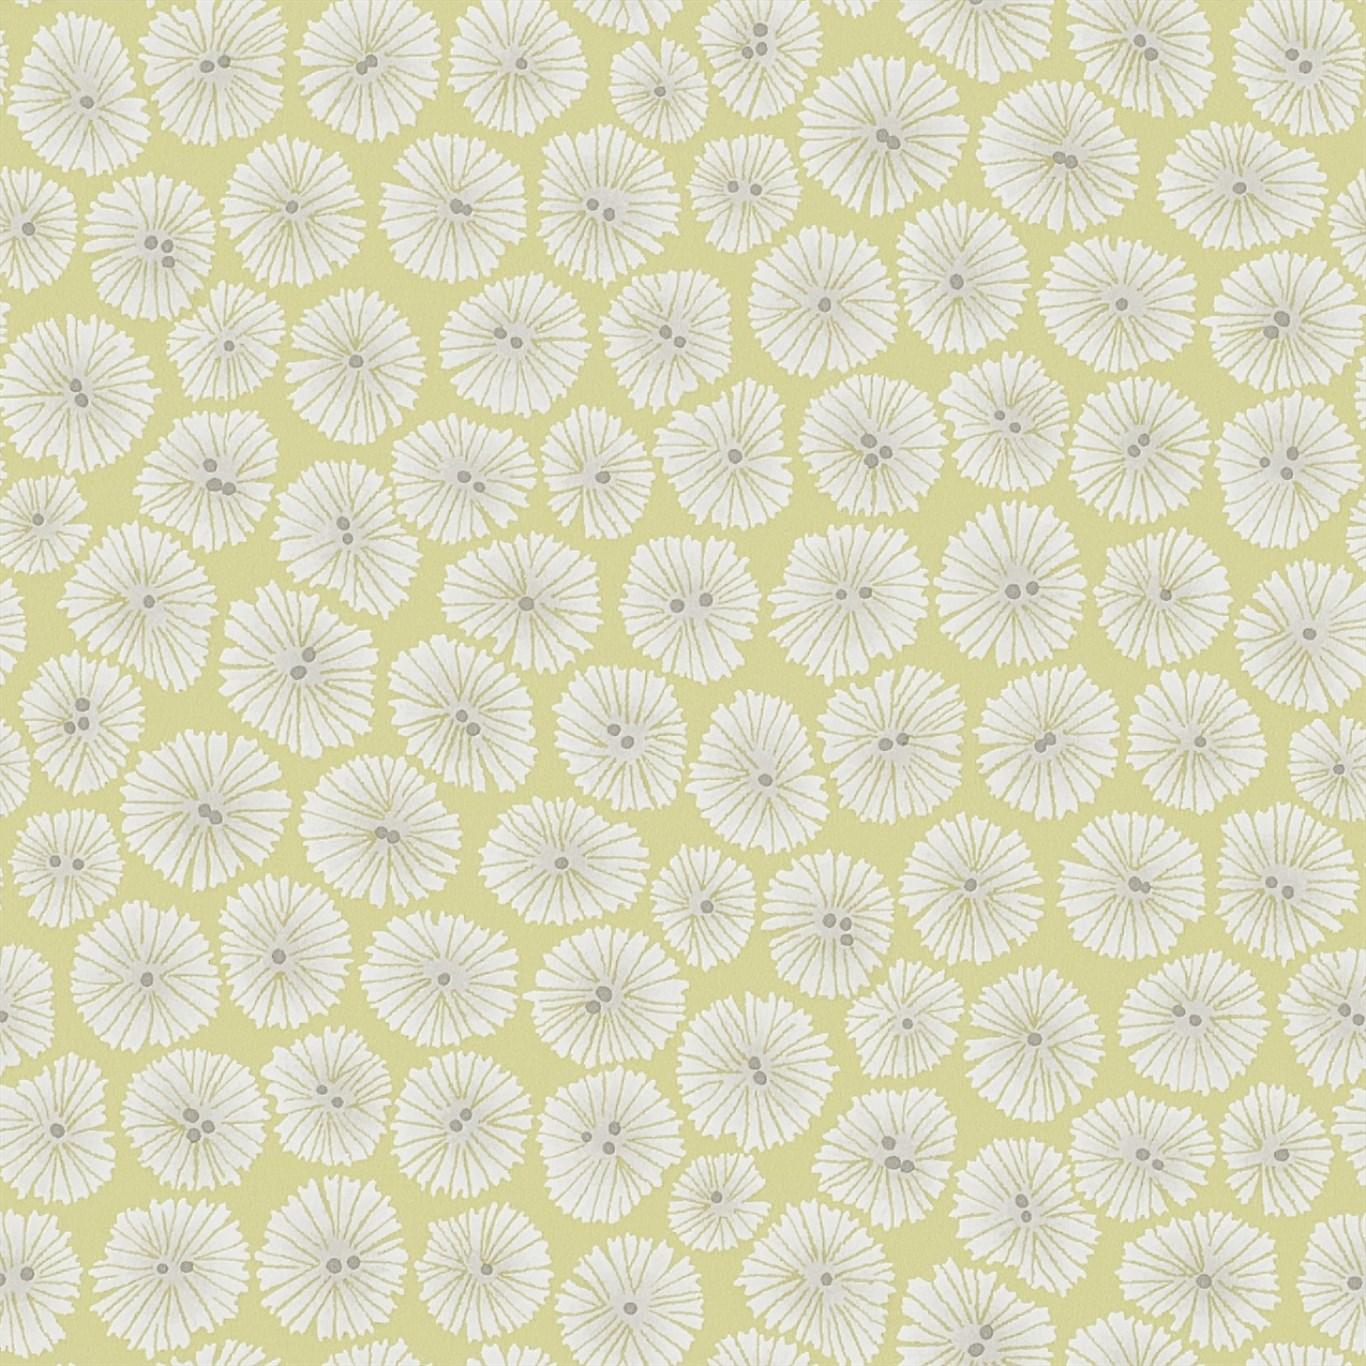 WIND FLOWERS DCHK213713